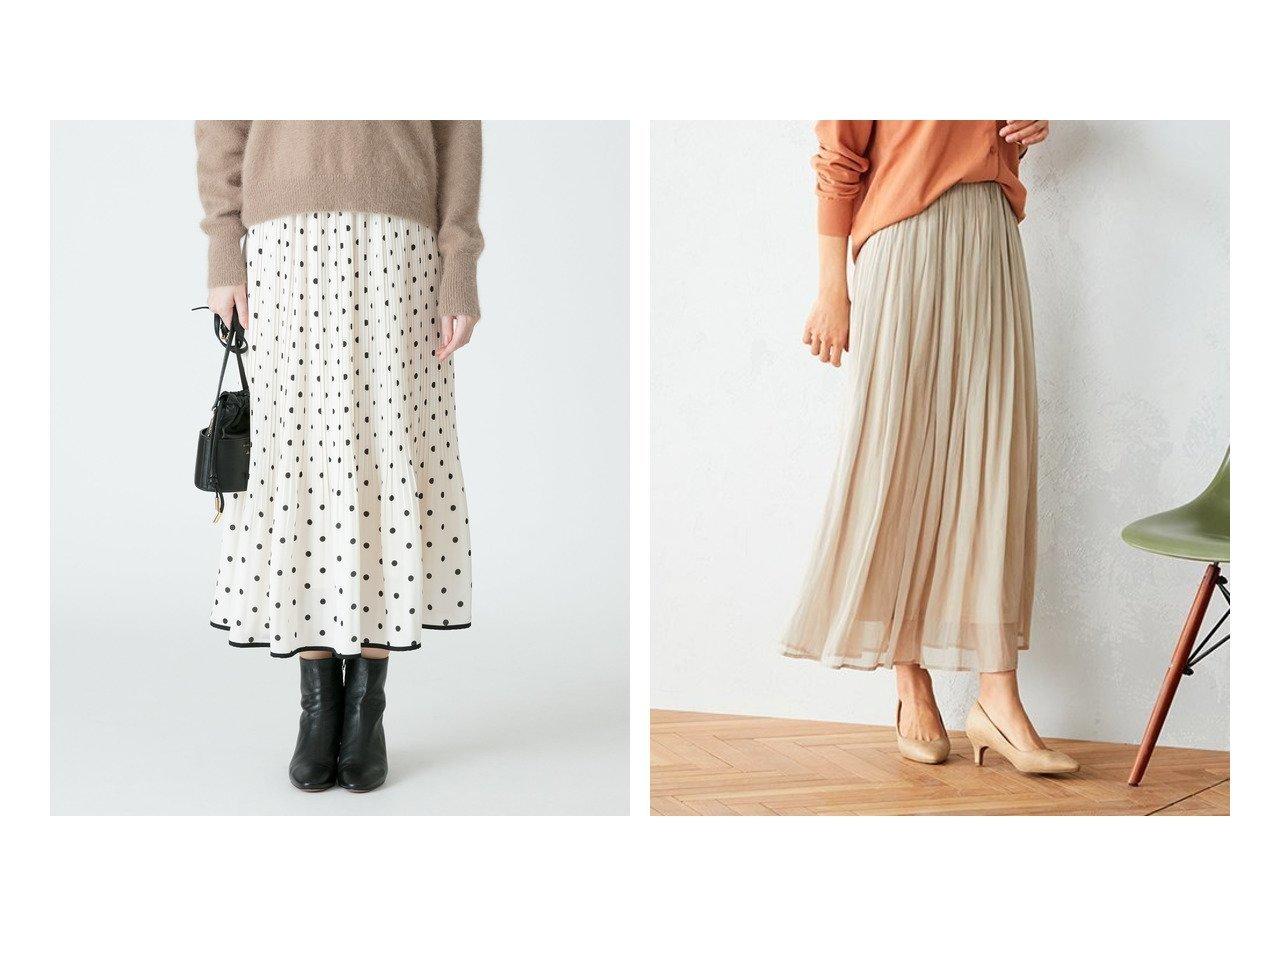 【COMME CA ISM/コムサイズム】の〈ウエストゴム〉シフォン ギャザースカート&【allureville/アルアバイル】のパイピングヘムドットプリーツスカート スカートのおすすめ!人気、トレンド・レディースファッションの通販  おすすめで人気の流行・トレンド、ファッションの通販商品 メンズファッション・キッズファッション・インテリア・家具・レディースファッション・服の通販 founy(ファニー) https://founy.com/ ファッション Fashion レディースファッション WOMEN スカート Skirt プリーツスカート Pleated Skirts Aライン/フレアスカート Flared A-Line Skirts エレガント クラシカル ドット パイピング プリーツ ロング 再入荷 Restock/Back in Stock/Re Arrival NEW・新作・新着・新入荷 New Arrivals ギャザー シアー シフォン フレア |ID:crp329100000019215